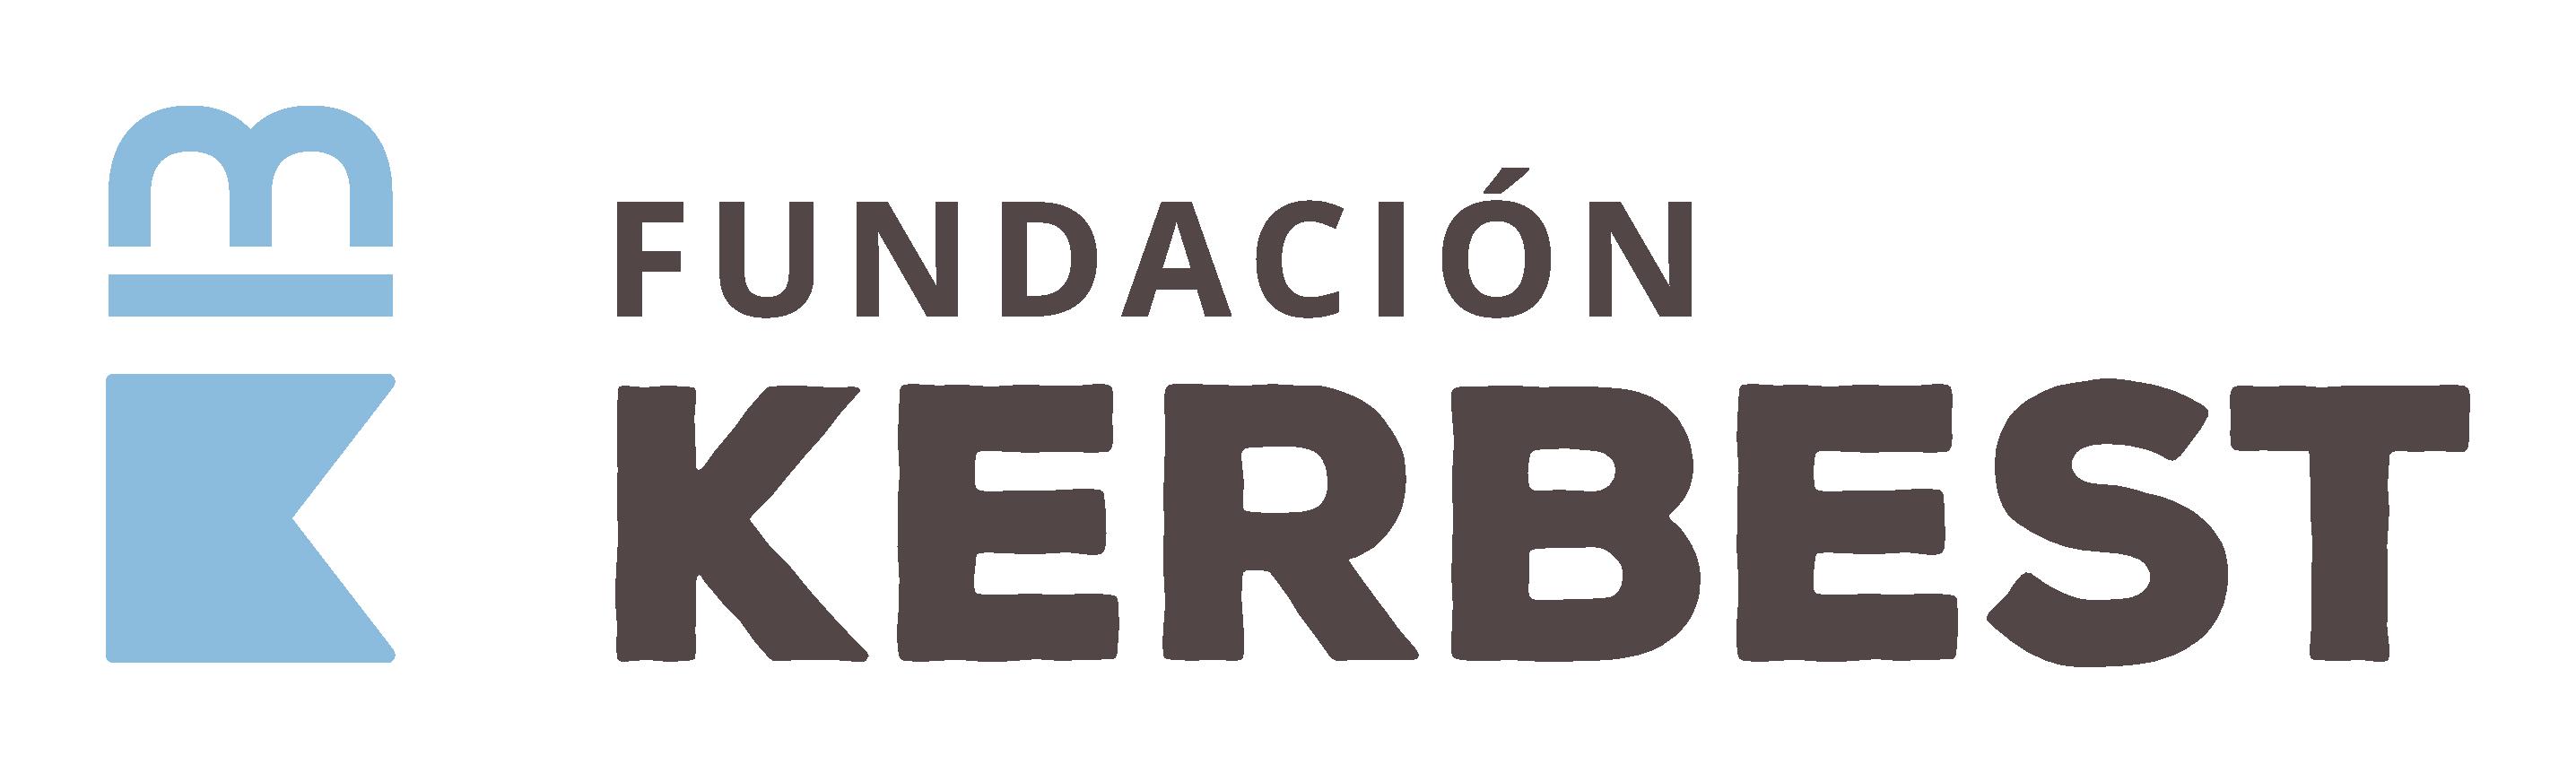 Fundación Kerbest